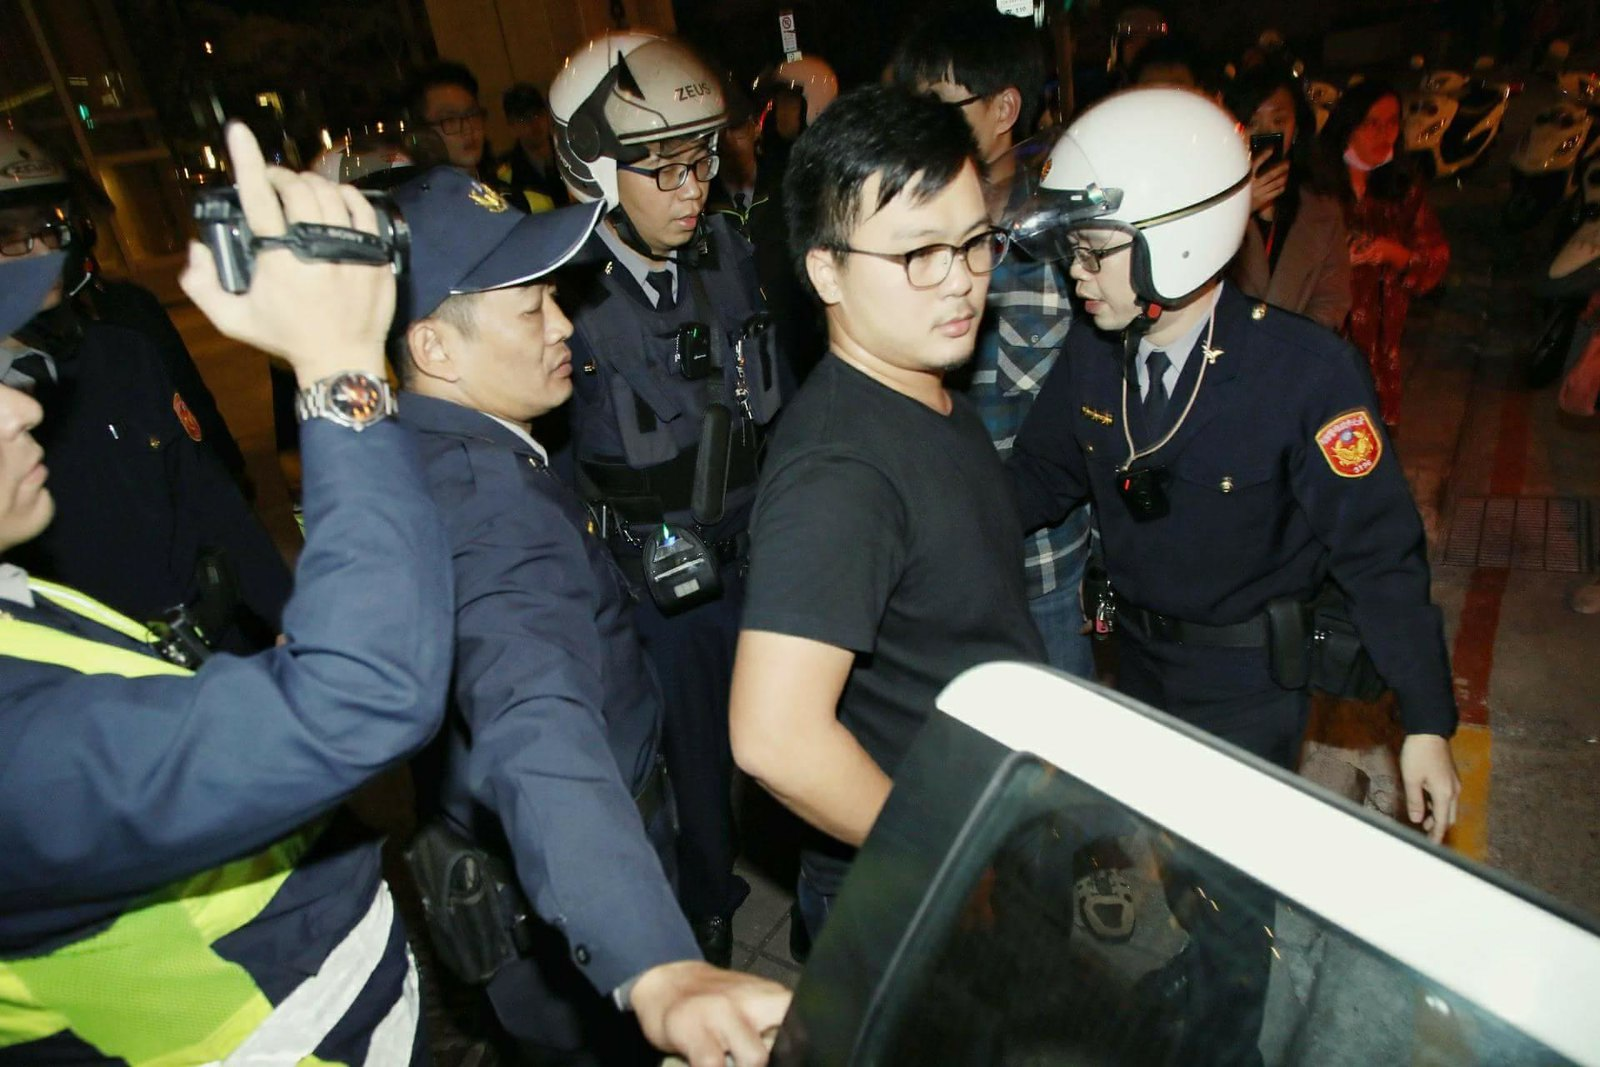 一名學生在行動後遭飯店主管提告公然侮辱,現場遭警方帶回。(照片由工鬥提供/攝影:許詩愷)